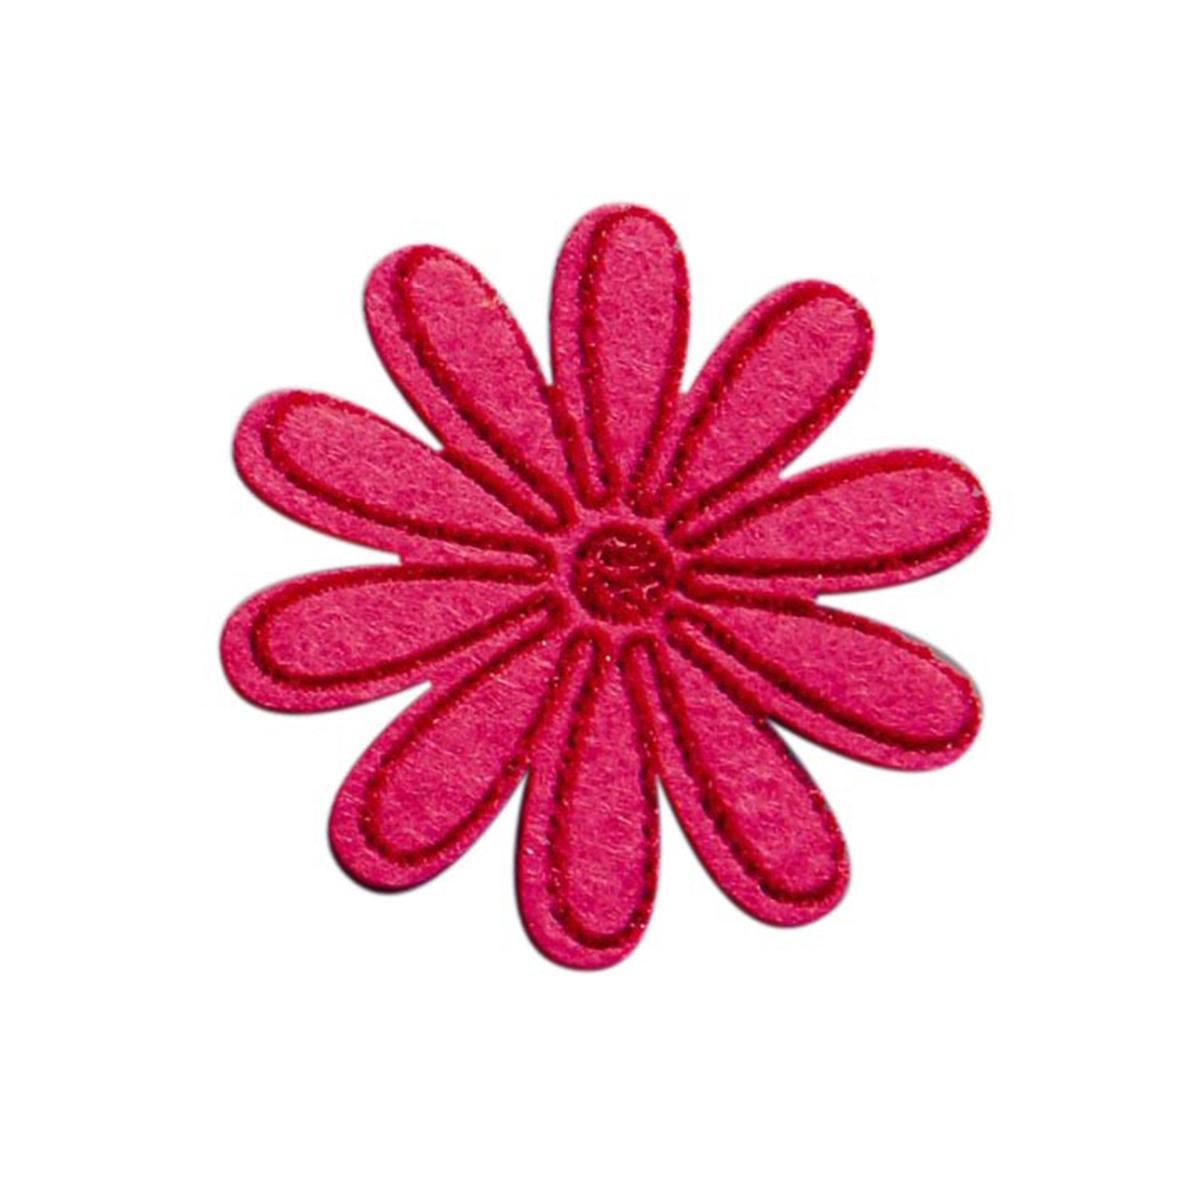 Фигурки из фетра Glorex Цветы, 4 шт318810Фетр пользуется большой популярностью среди рукодельниц. Его любят за эстетичный вид, практичность и отличную текстуру. Из данногоматериала вашему вниманию предлагаются заготовки Glorex. Широкое разнообразие цветов и форм поможет реализовать творческие задумки игармоничным образом дополнить ваше творение. Из фетра можно создавать обложки для книг, ежедневников, игрушки, декоративные чехлы дляподушек и многое, многое другое.